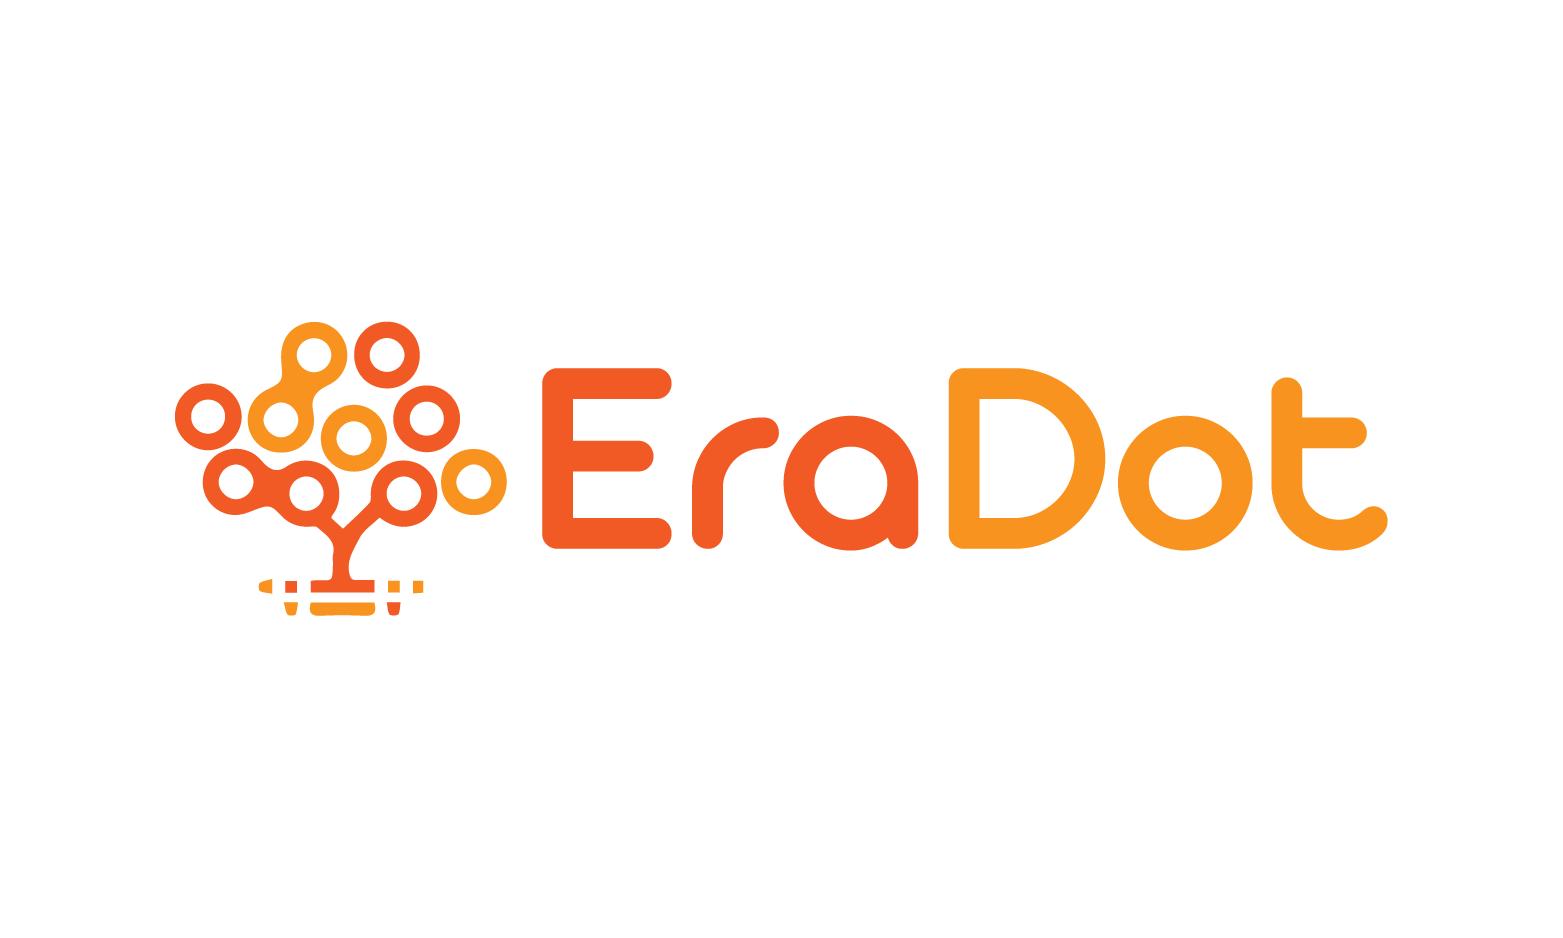 EraDot.com